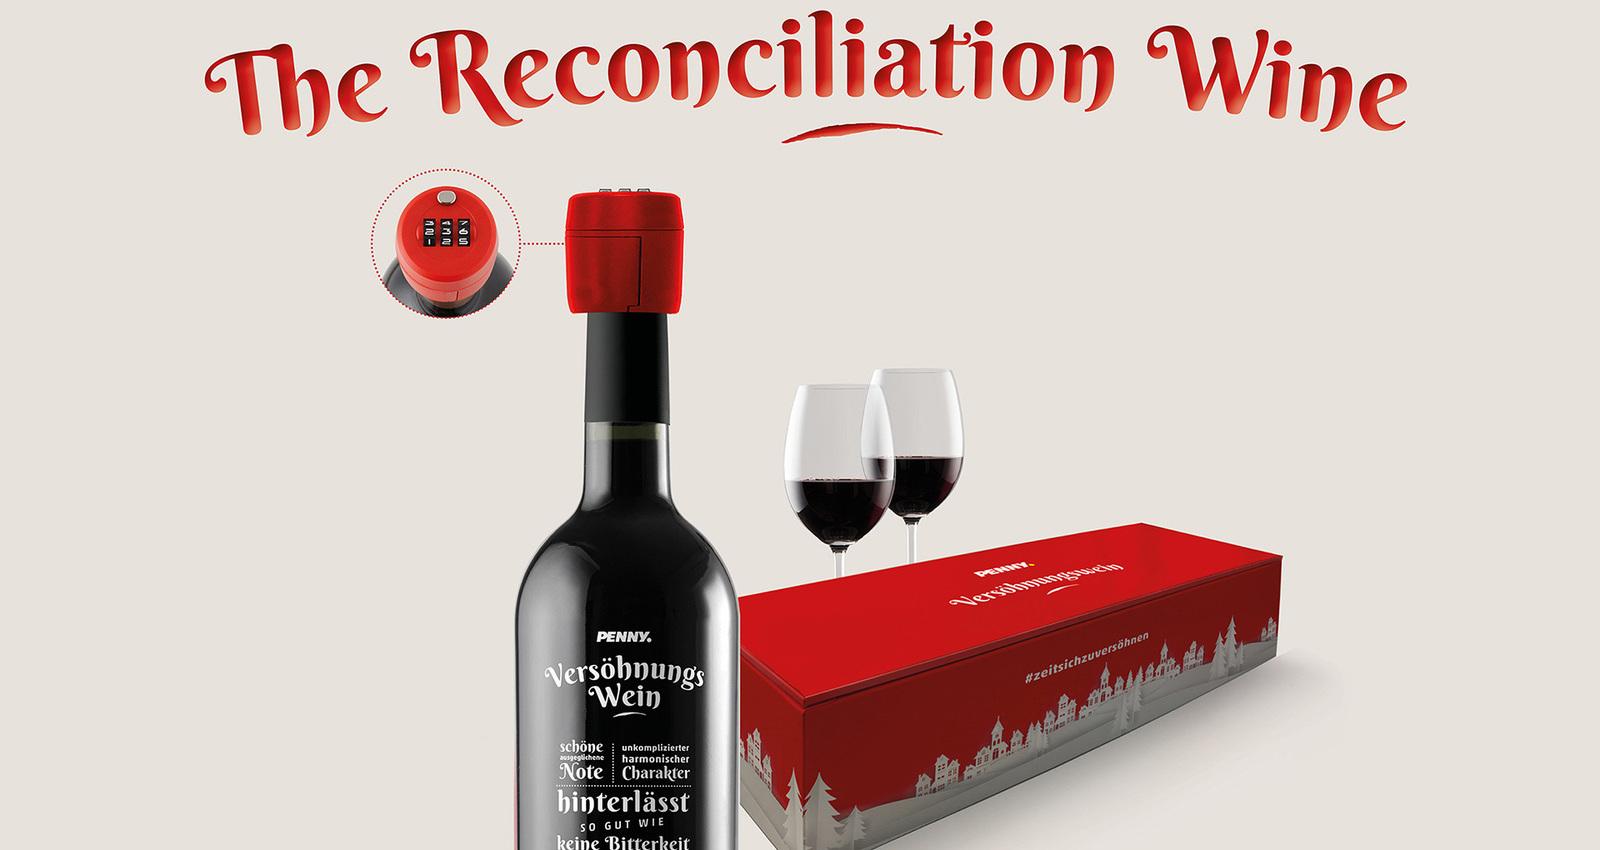 The Reconciliation Wine